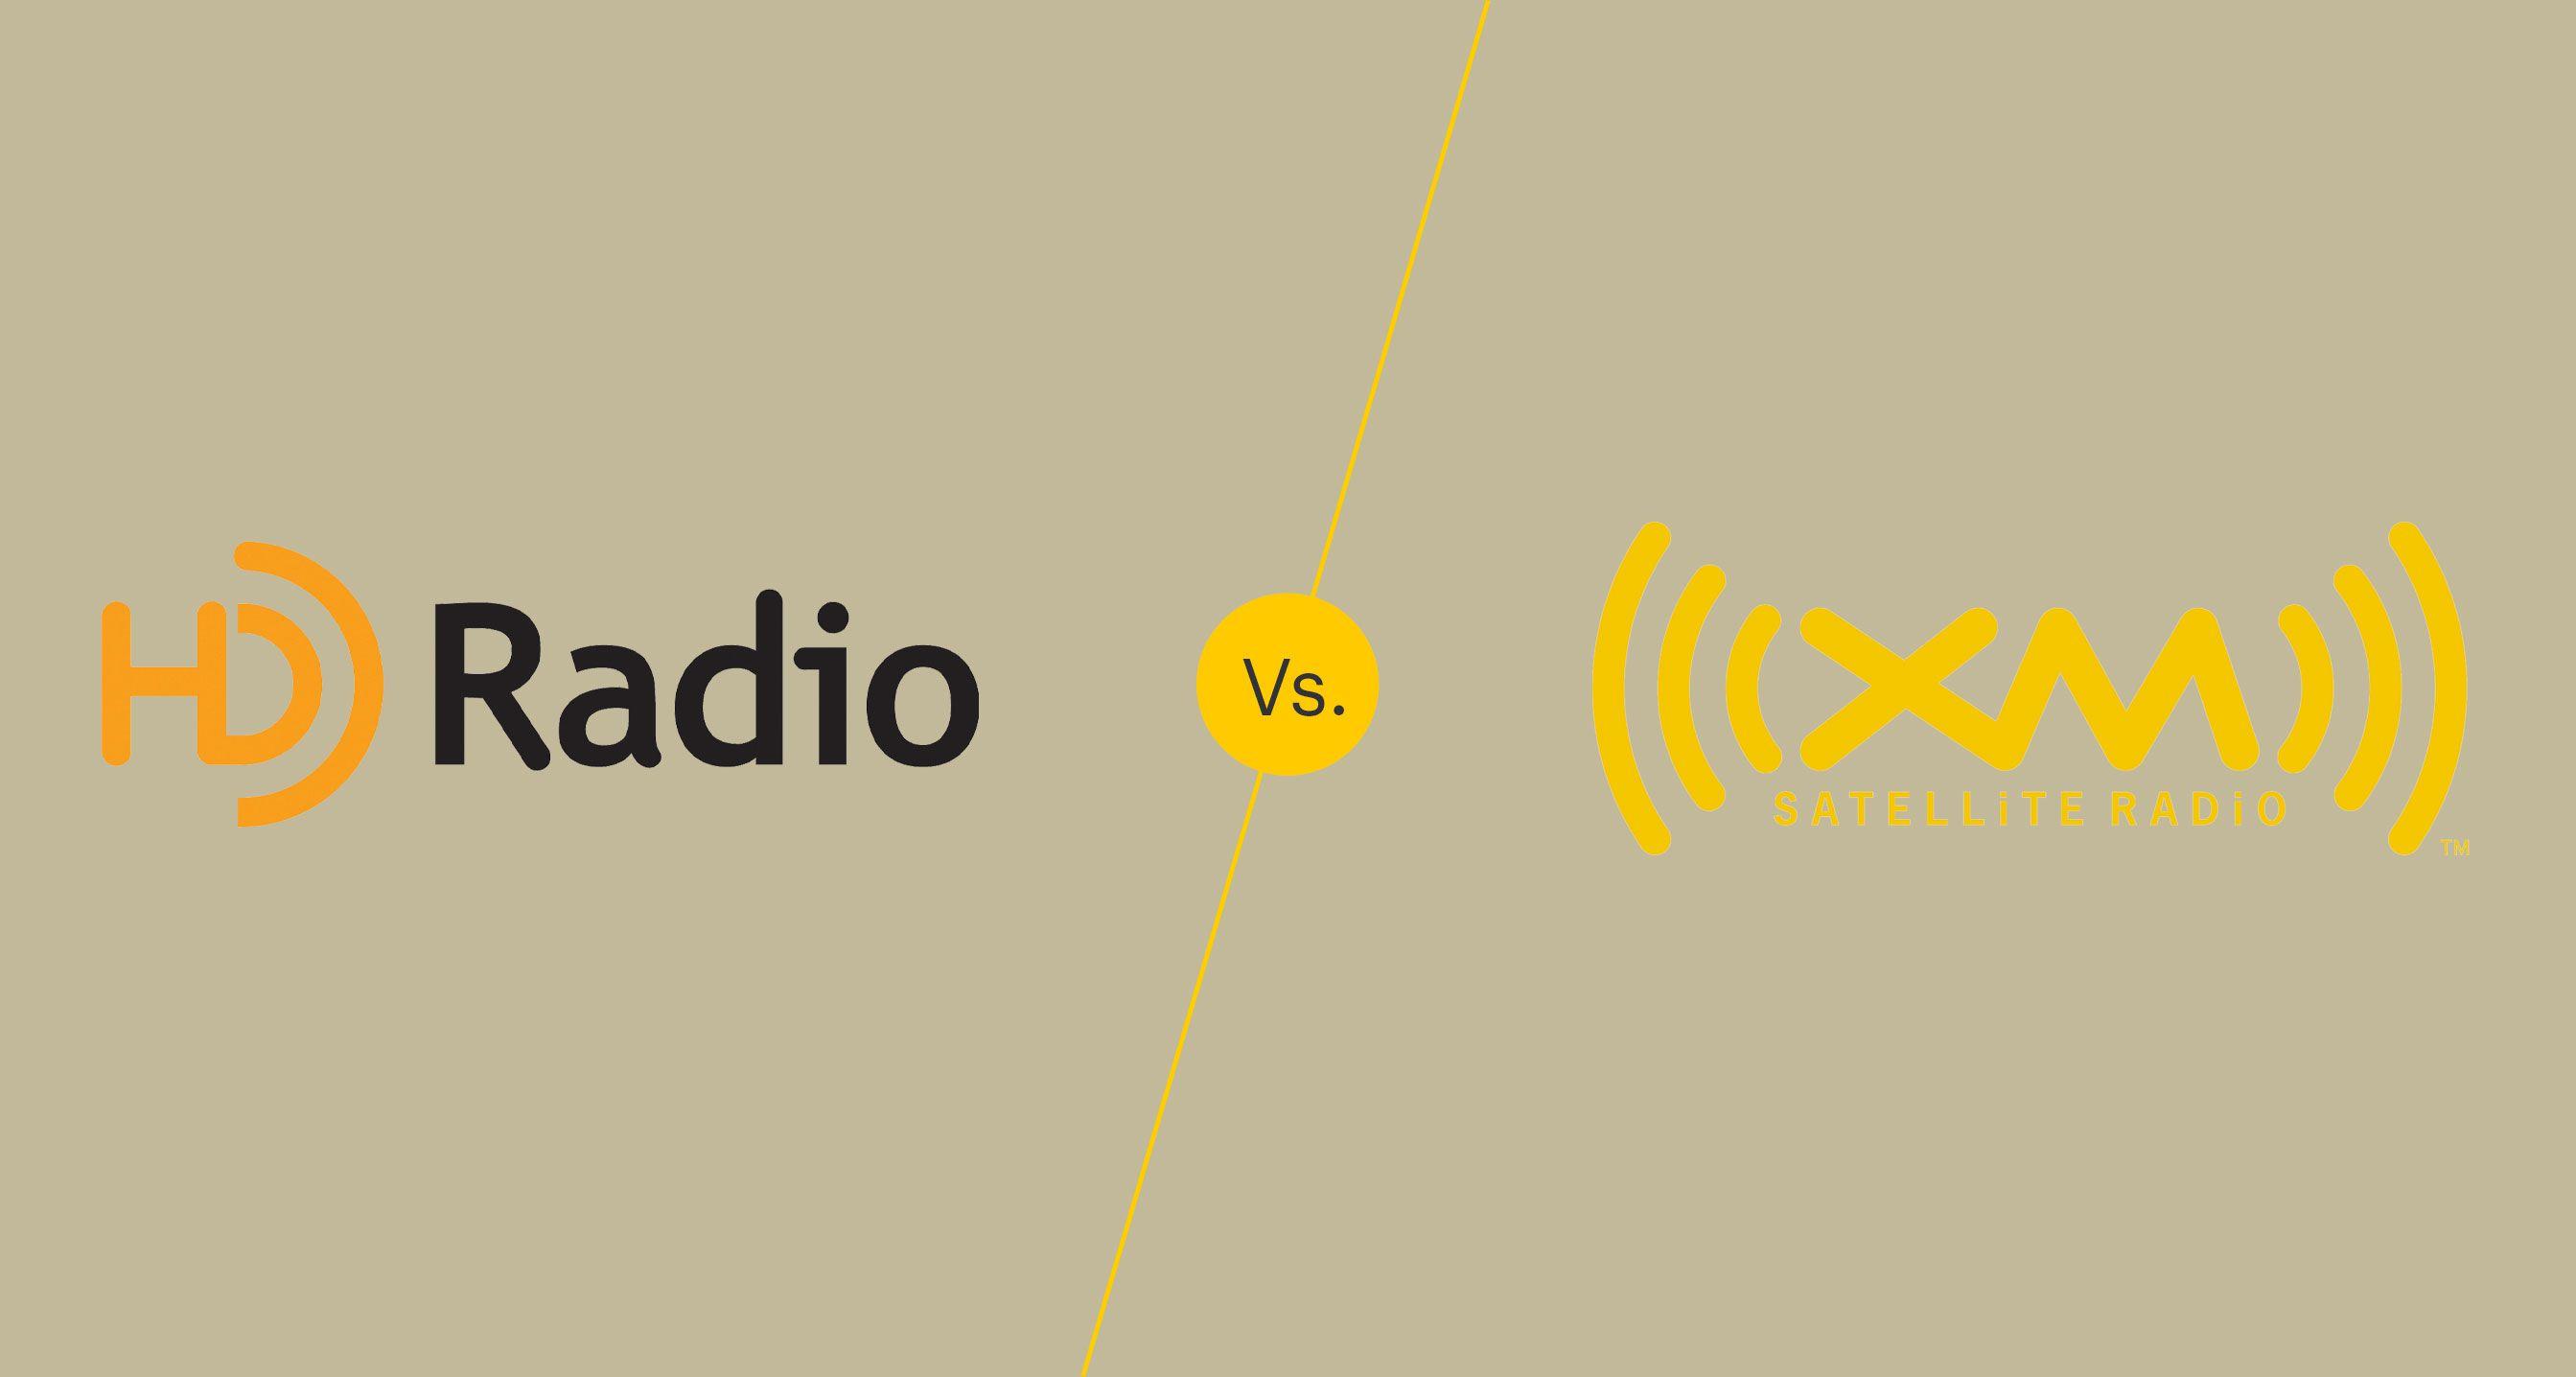 HD radio vs satellite radio